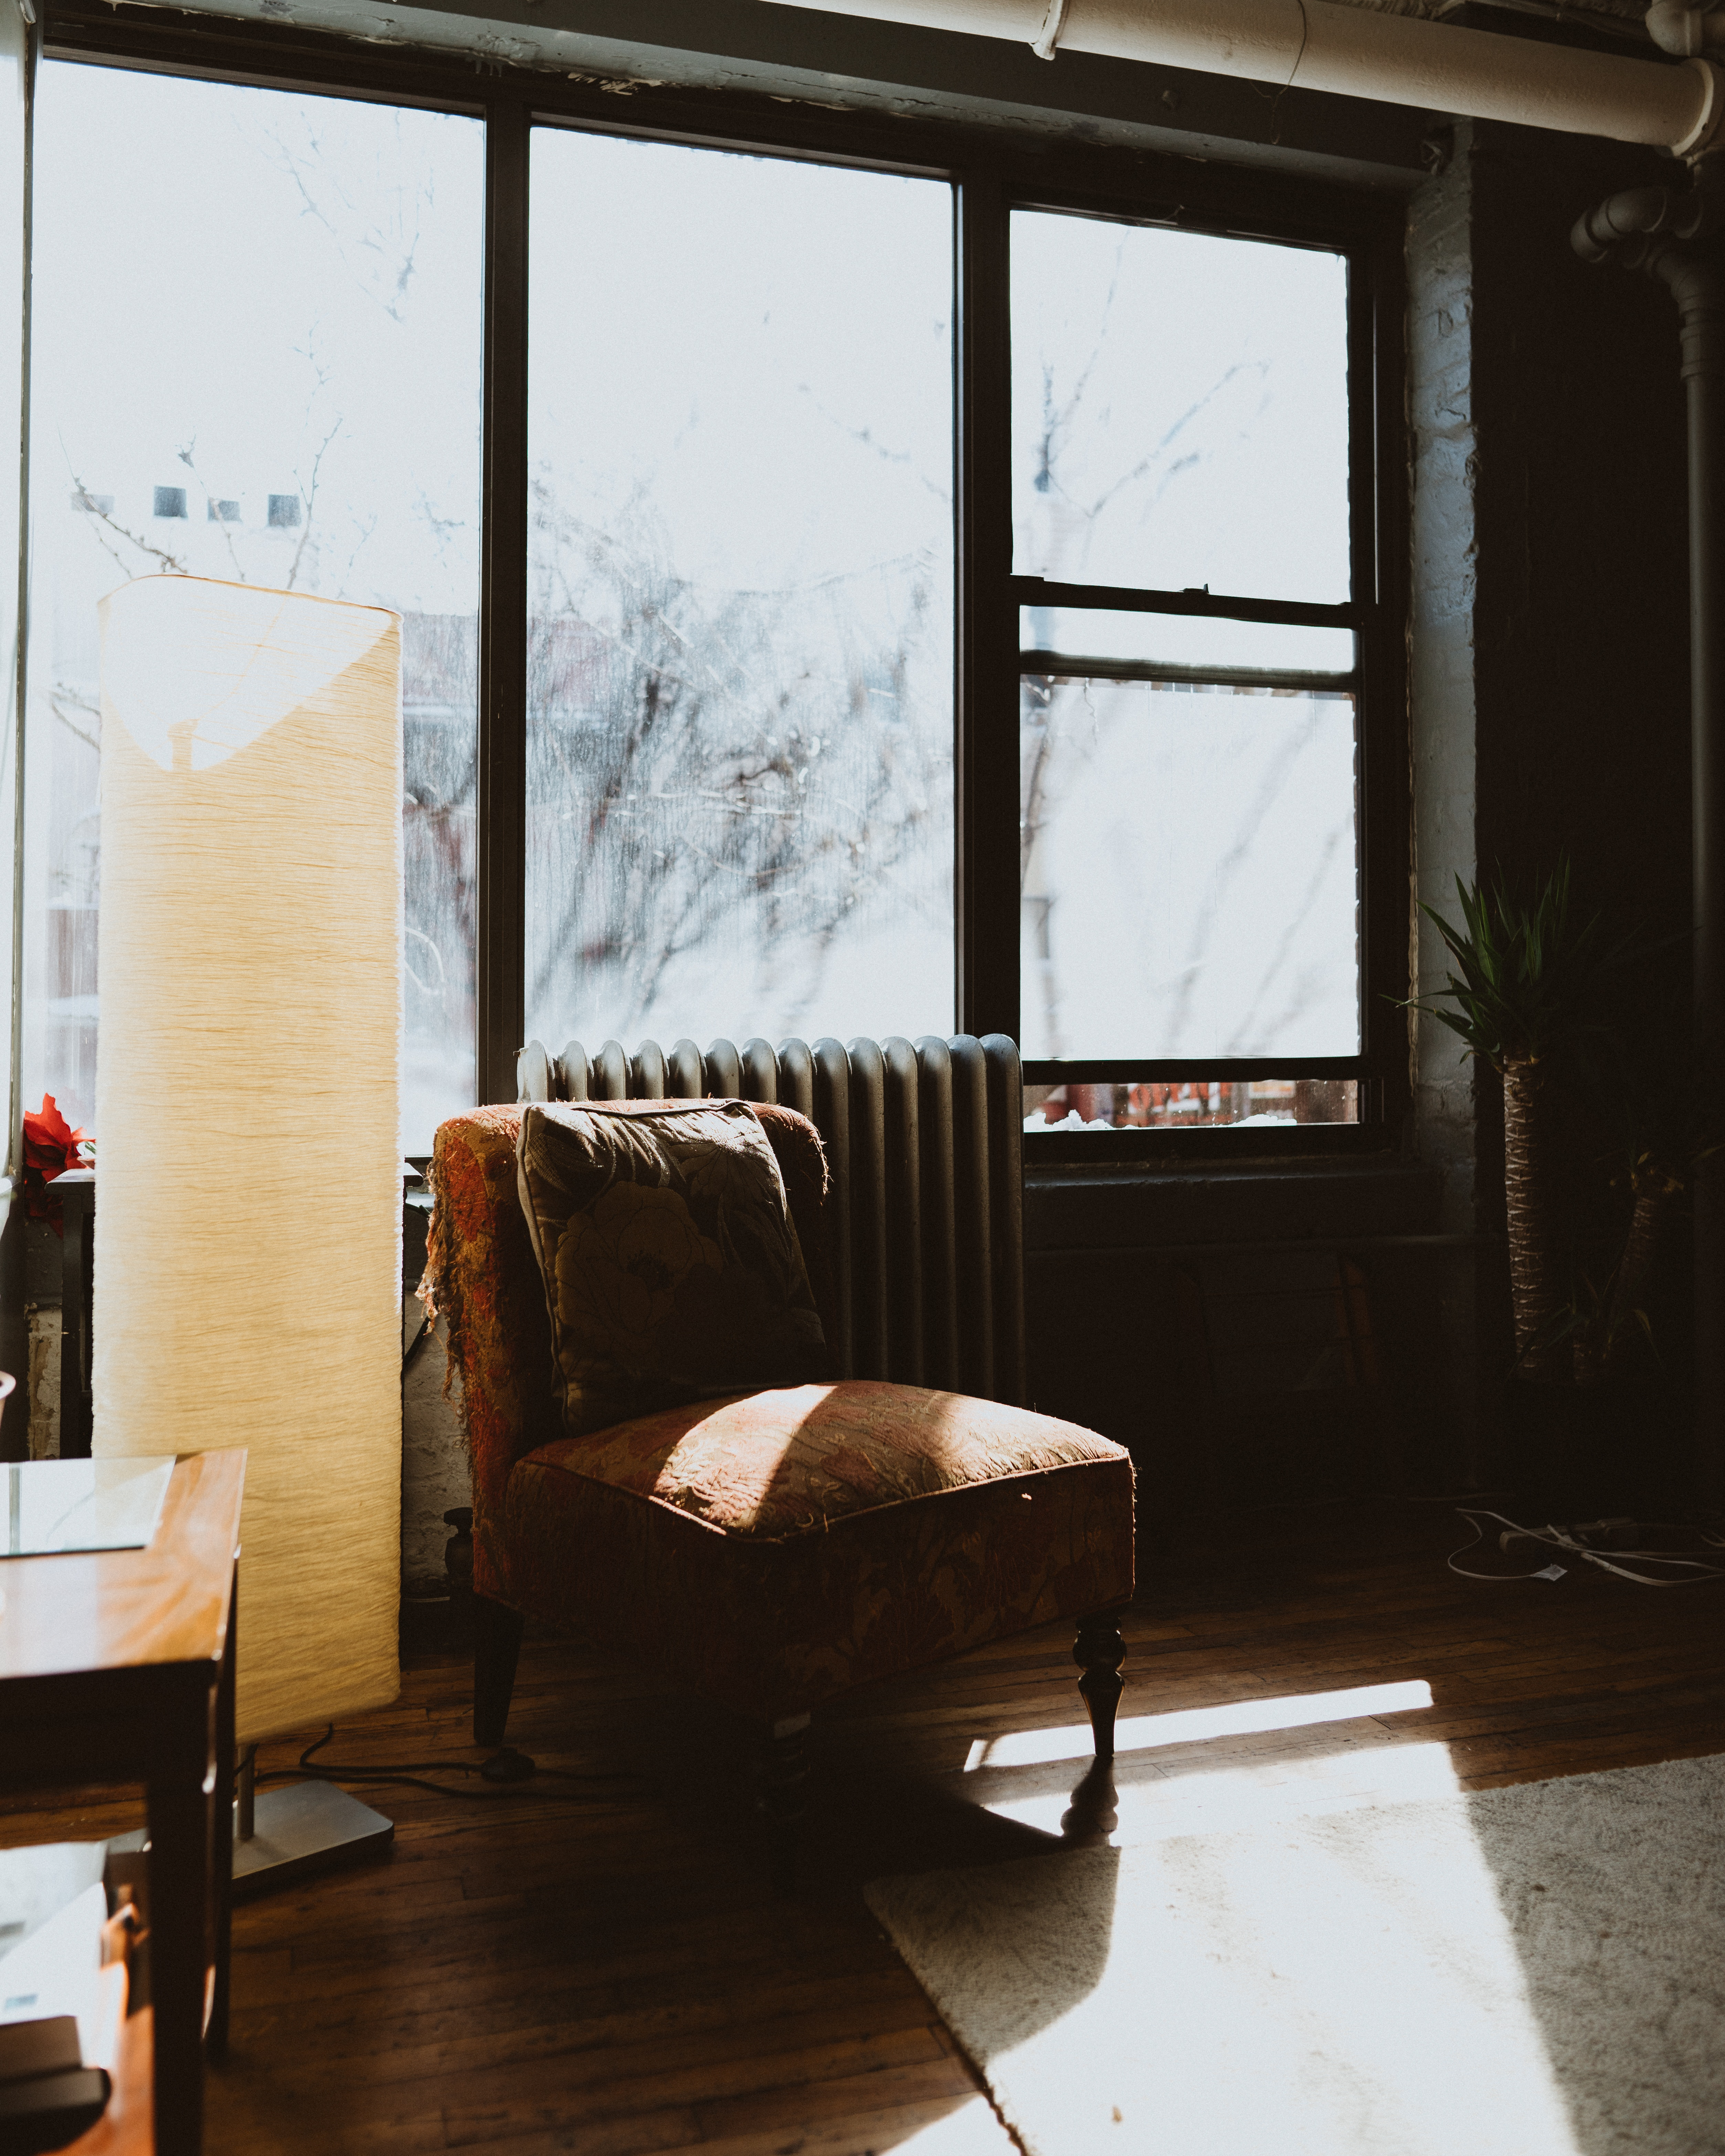 How Floor Lamps Change Your Decor floor lamp How Floor Lamps Change Your Decor joshua newton 289879